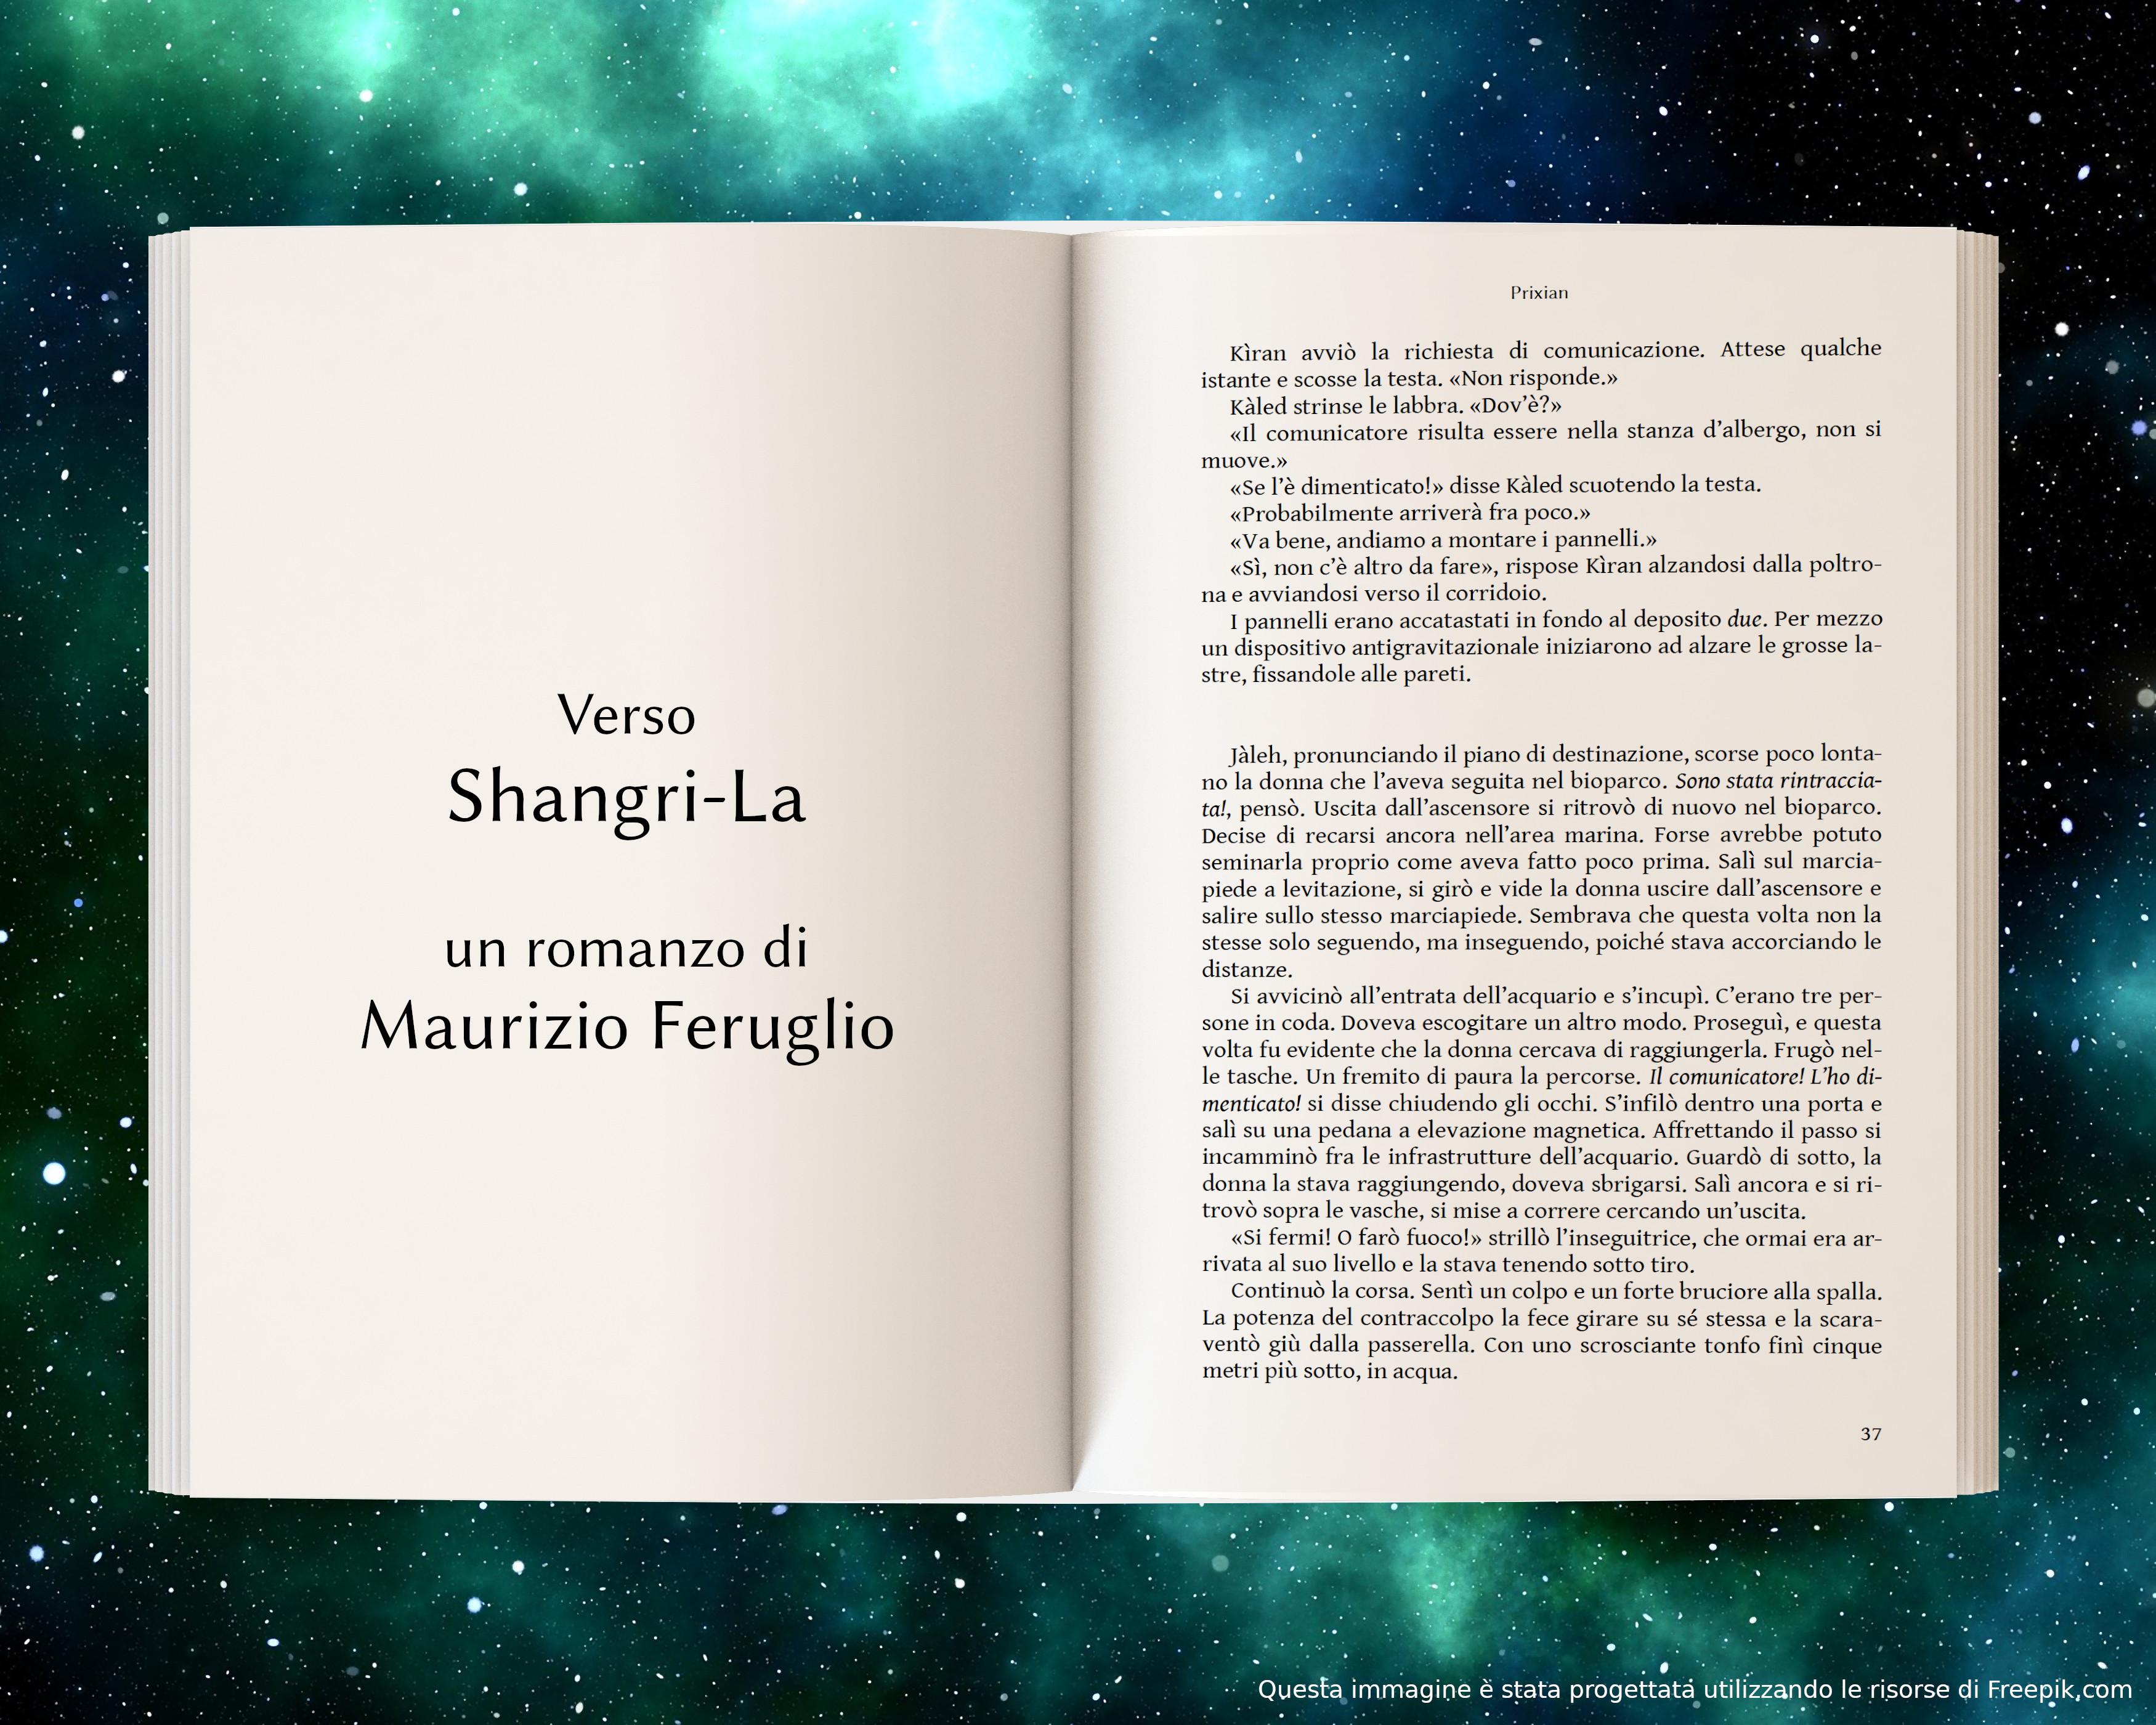 Jàleh braccata - anteprima di Verso Shangri-La di Maurizio Feruglio